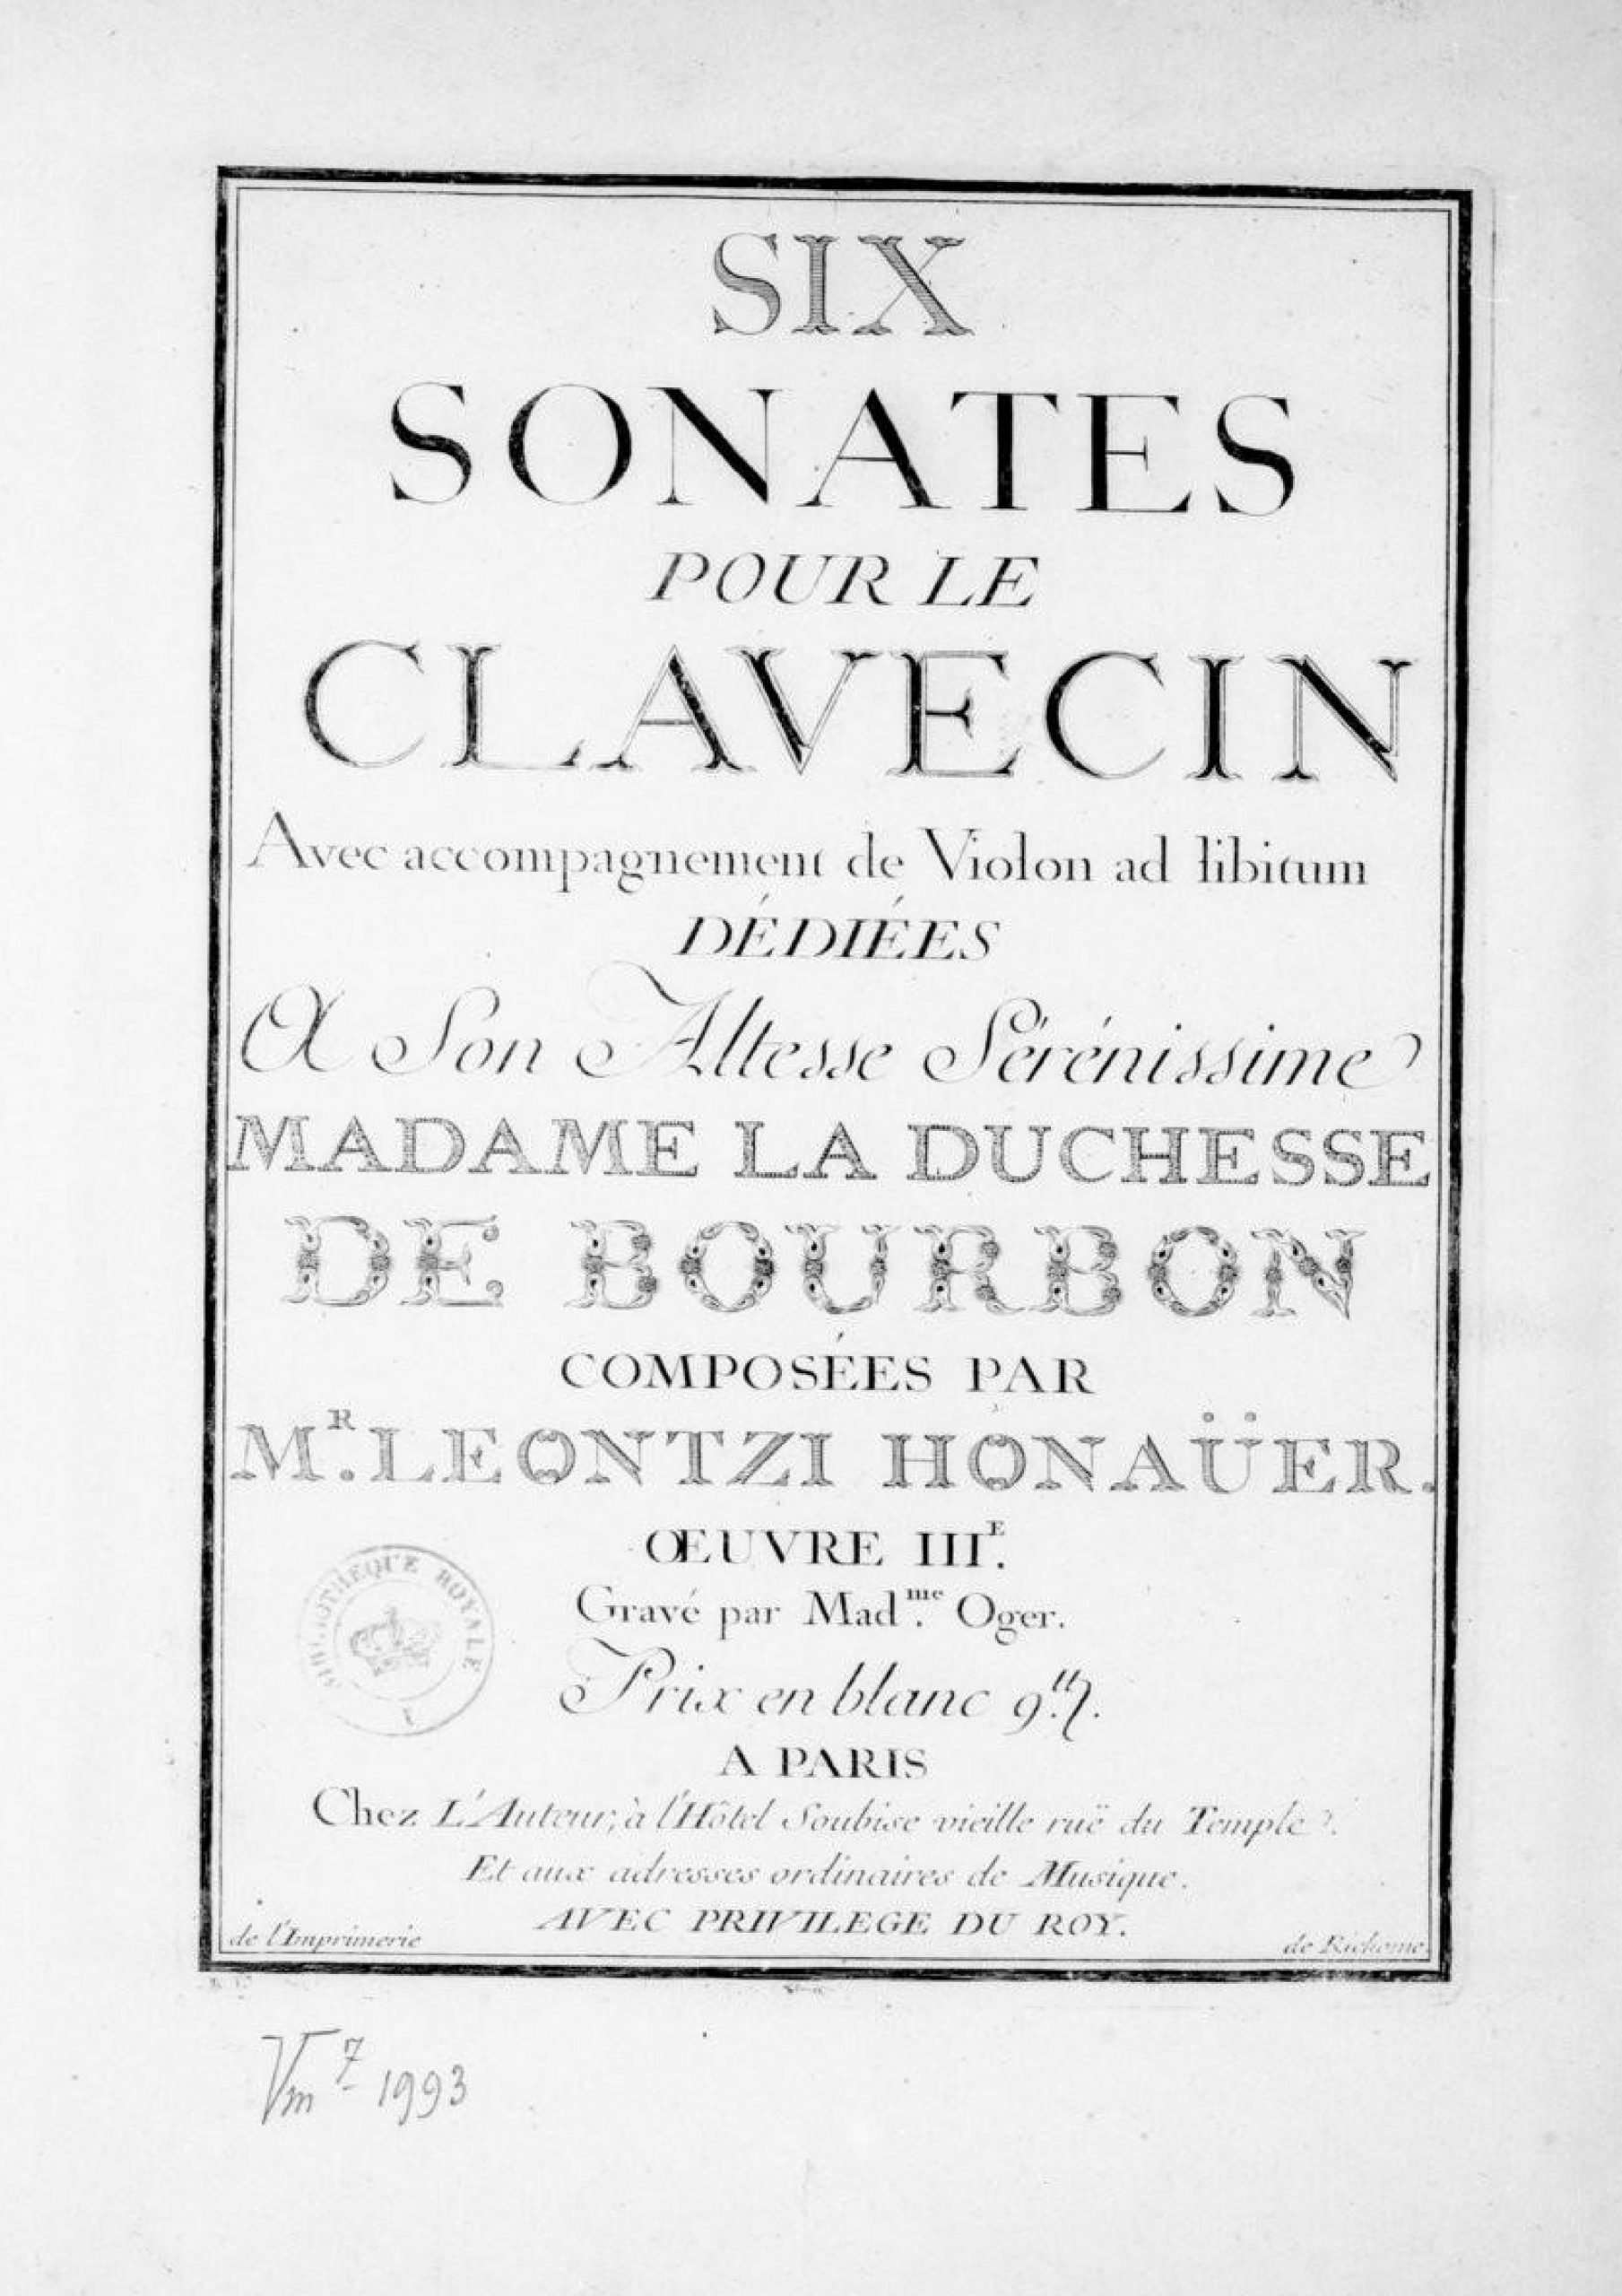 Honauer, Leontzi - 6 Sonatas, Op.3 (harpsichord)